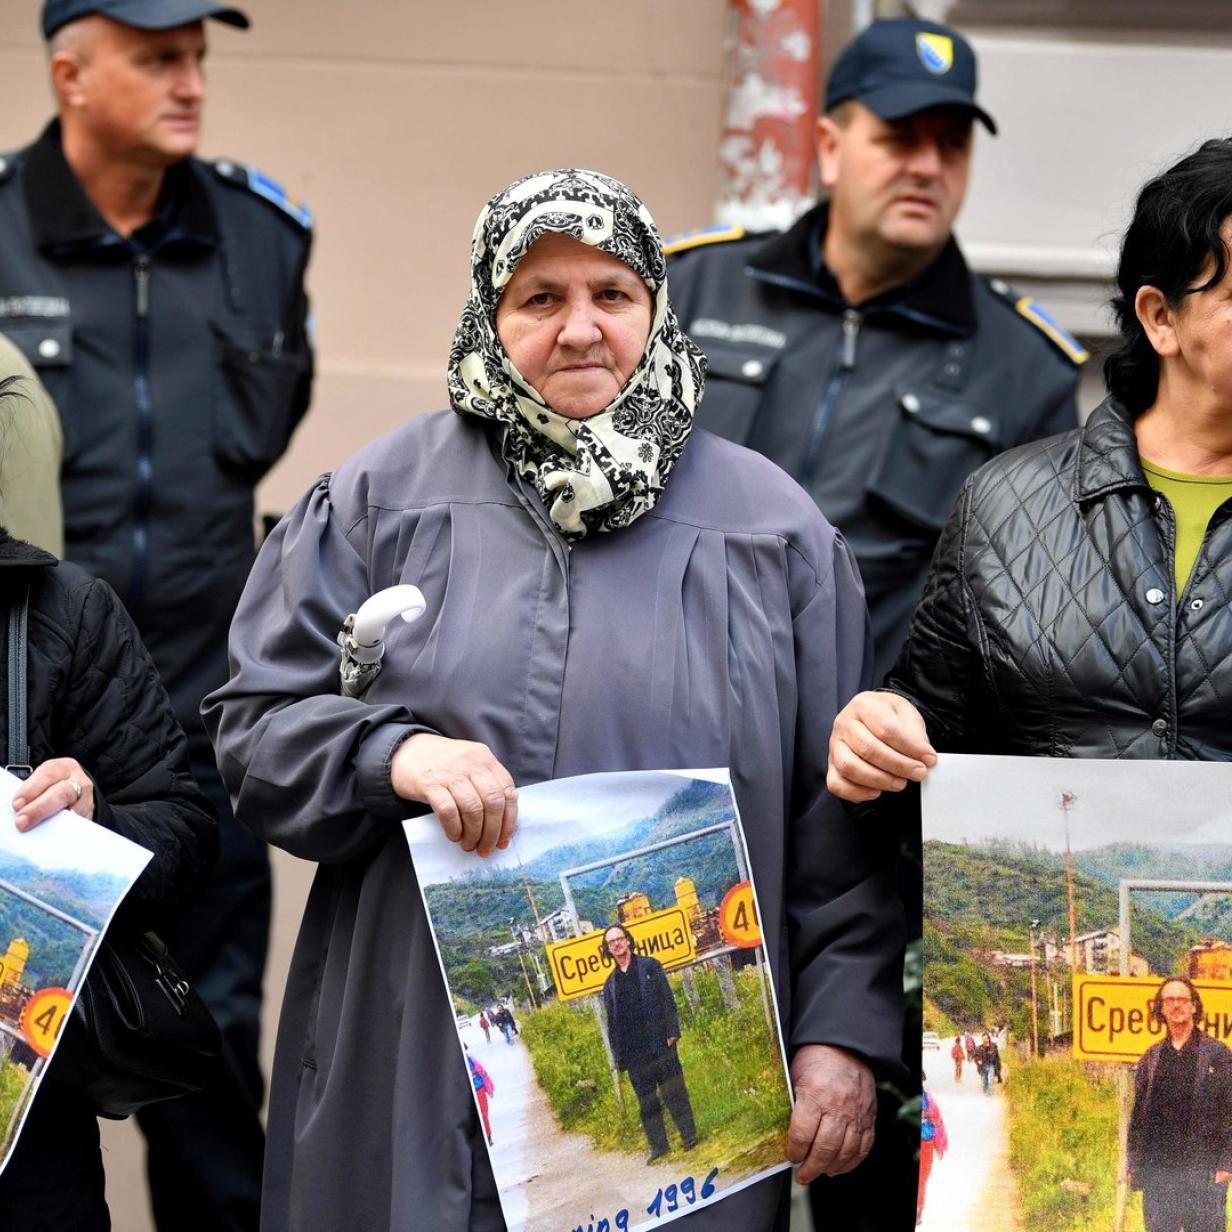 Peter Handke polarisiert: Unterstützer und Gegner rüsten auf